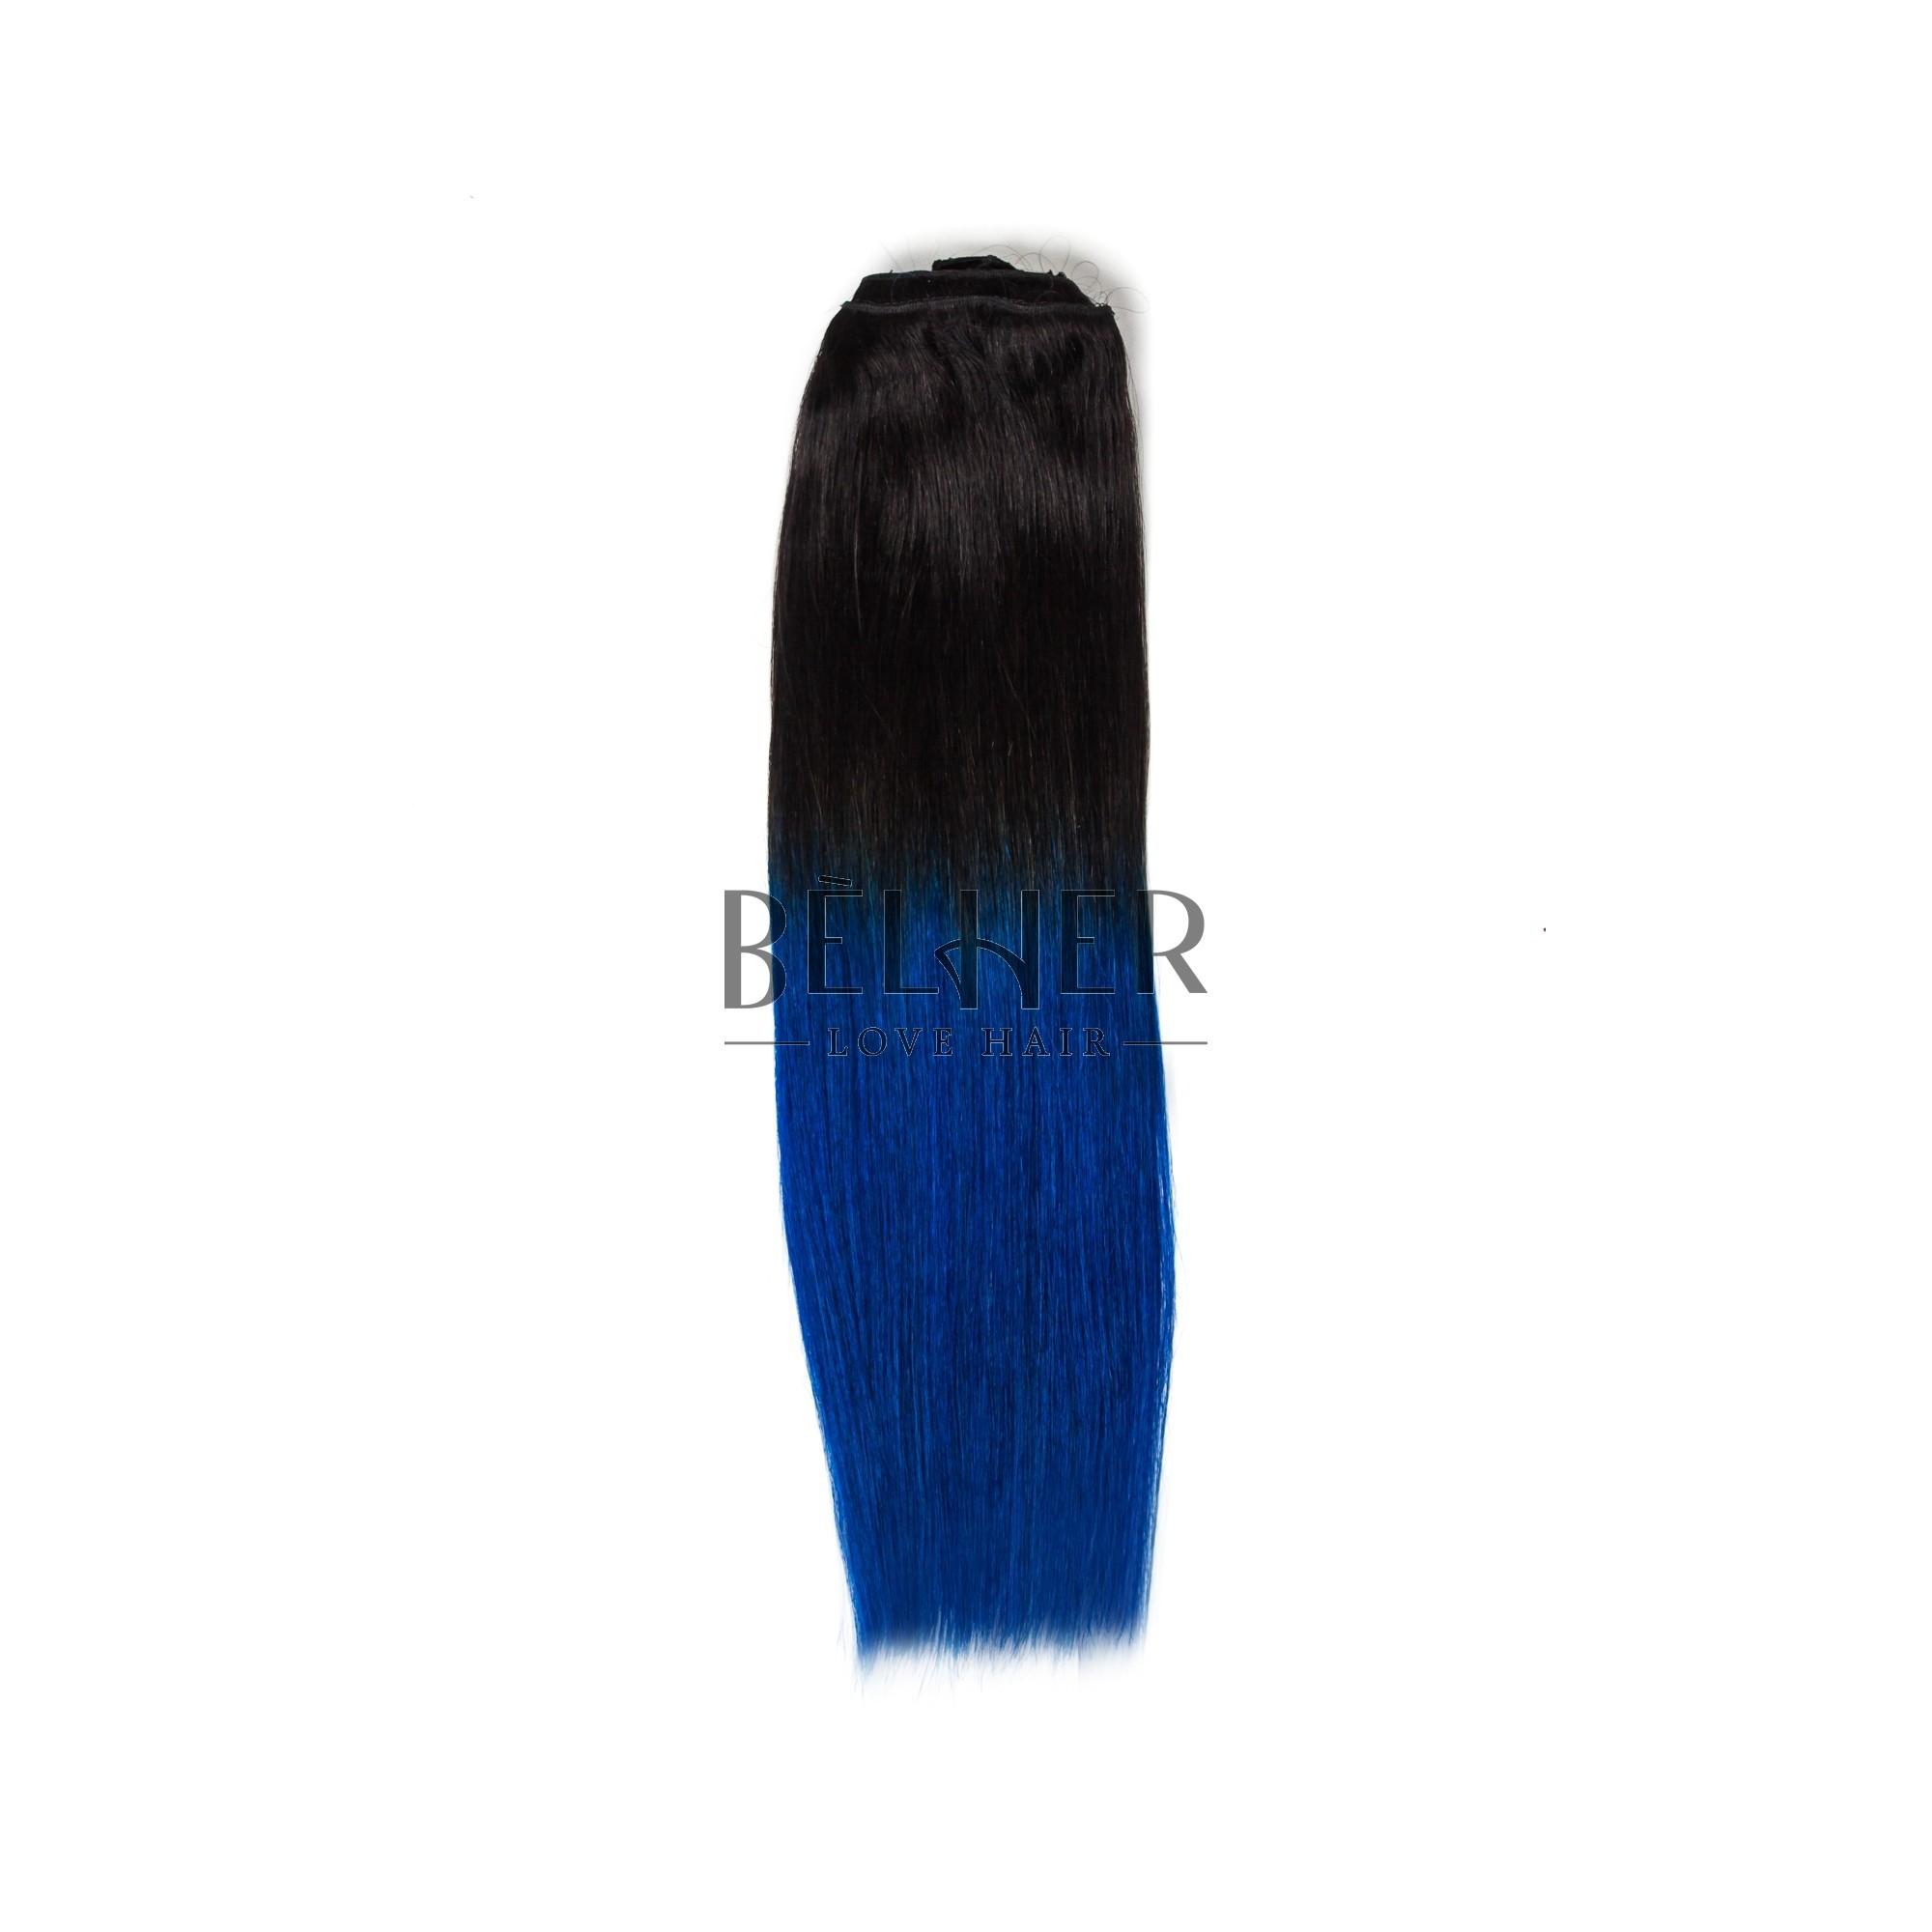 Extensii Clip-on Deluxe Ombre Brunet/albastru